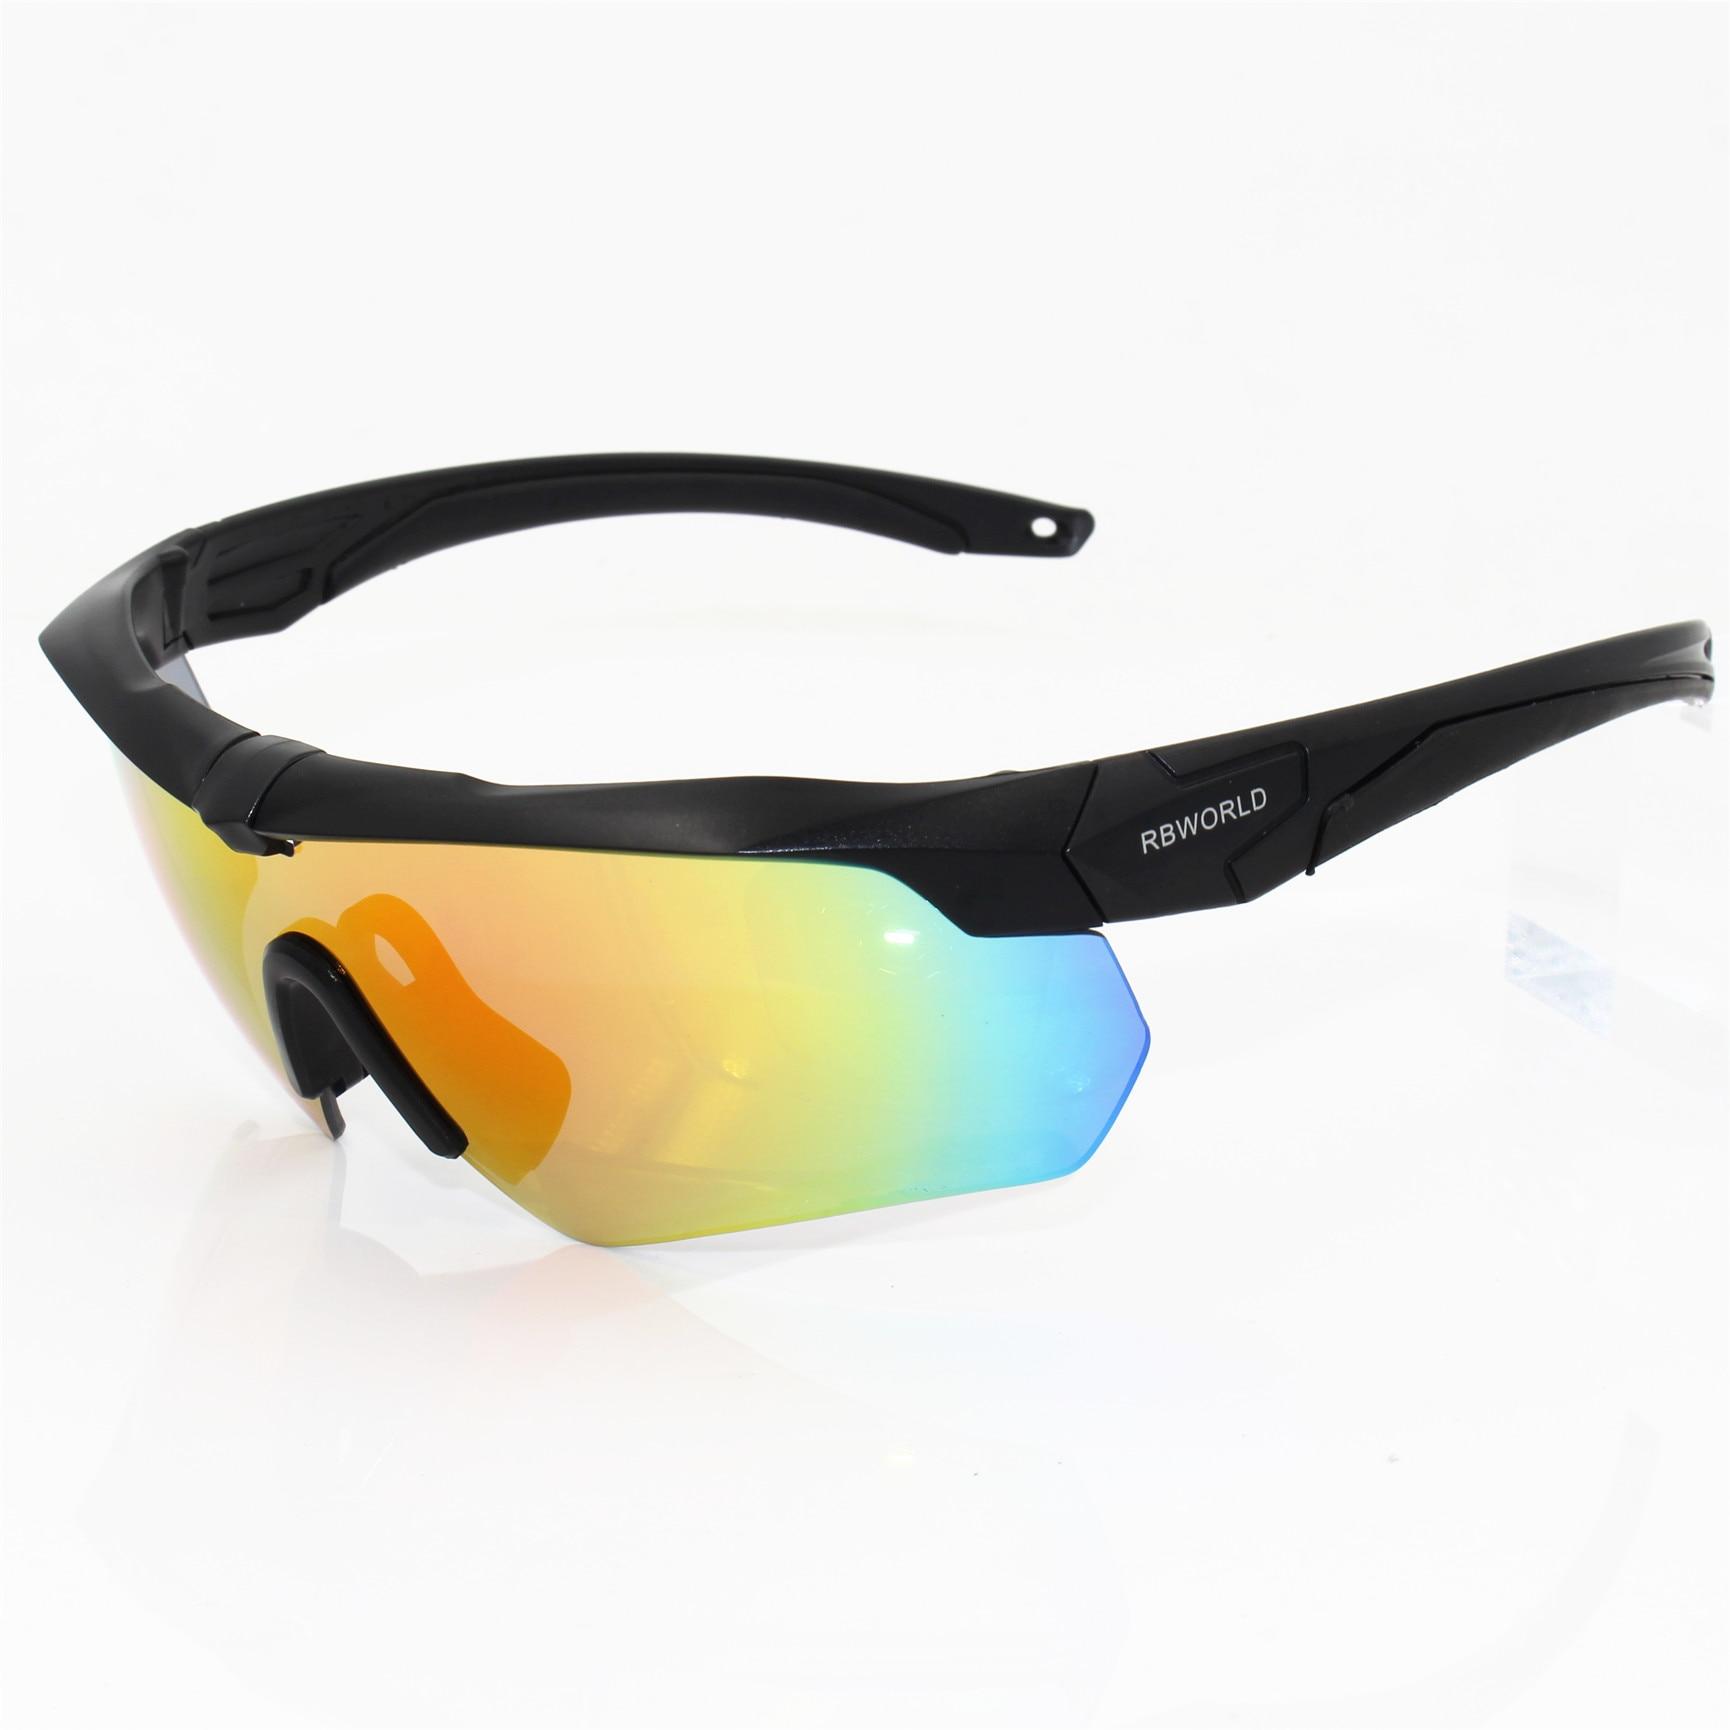 c96a61c245 Polarizada de alta calidad gafas de sol TR90 militar gafas 5 lente bala  prueba ejército táctico gafas de tiro gafas en Gafas de ciclismo de  Deportes y ocio ...